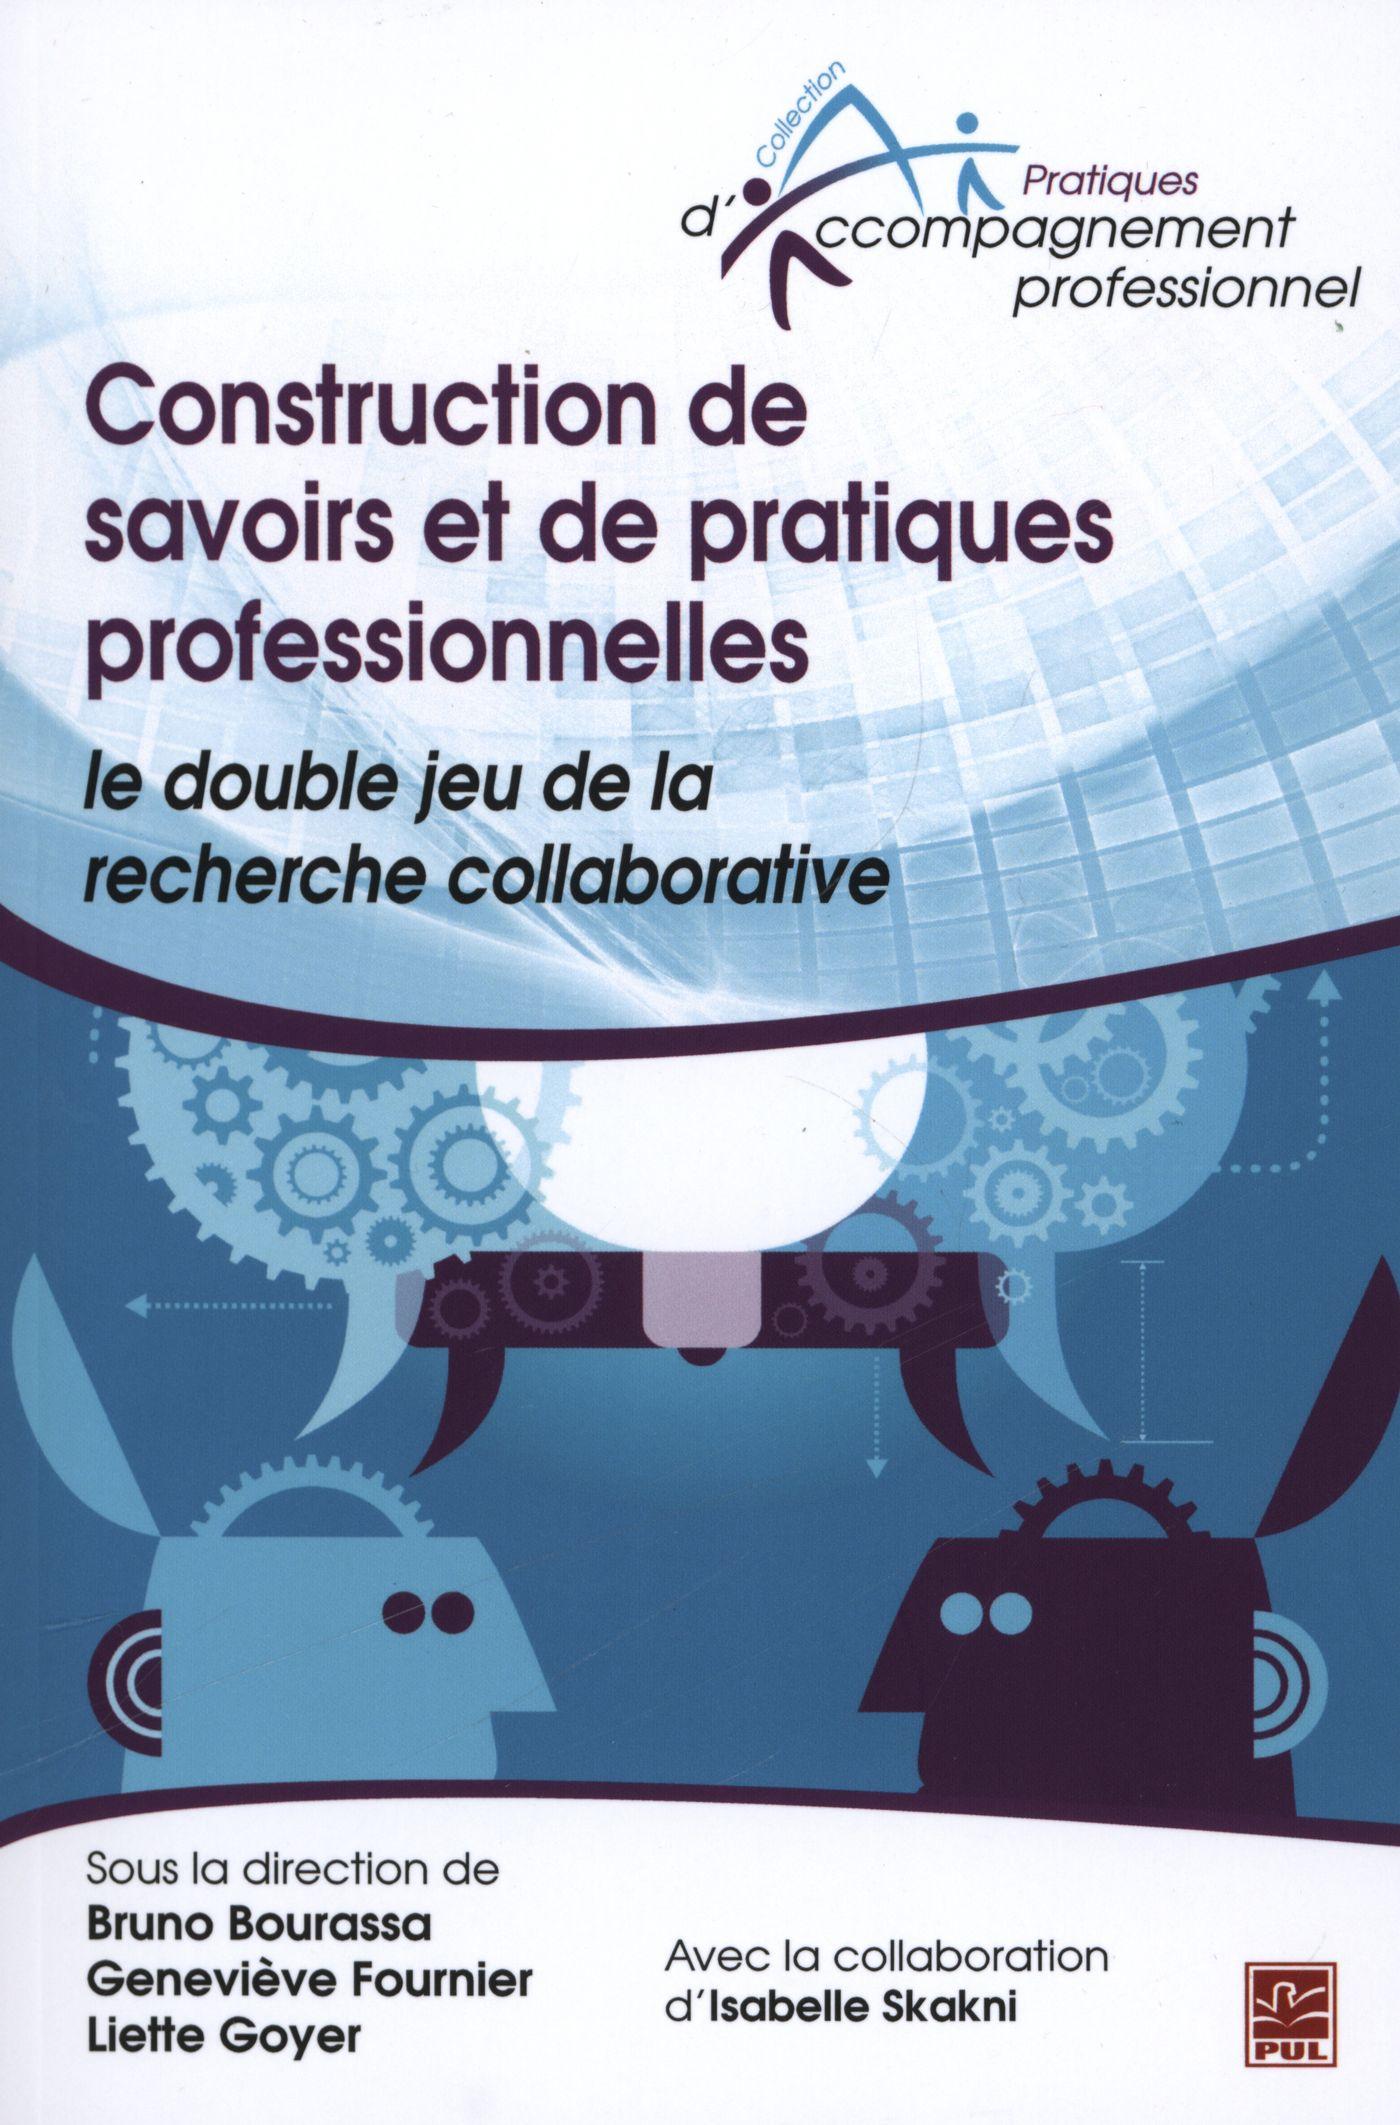 Construction de savoirs et de pratiques professionnelles